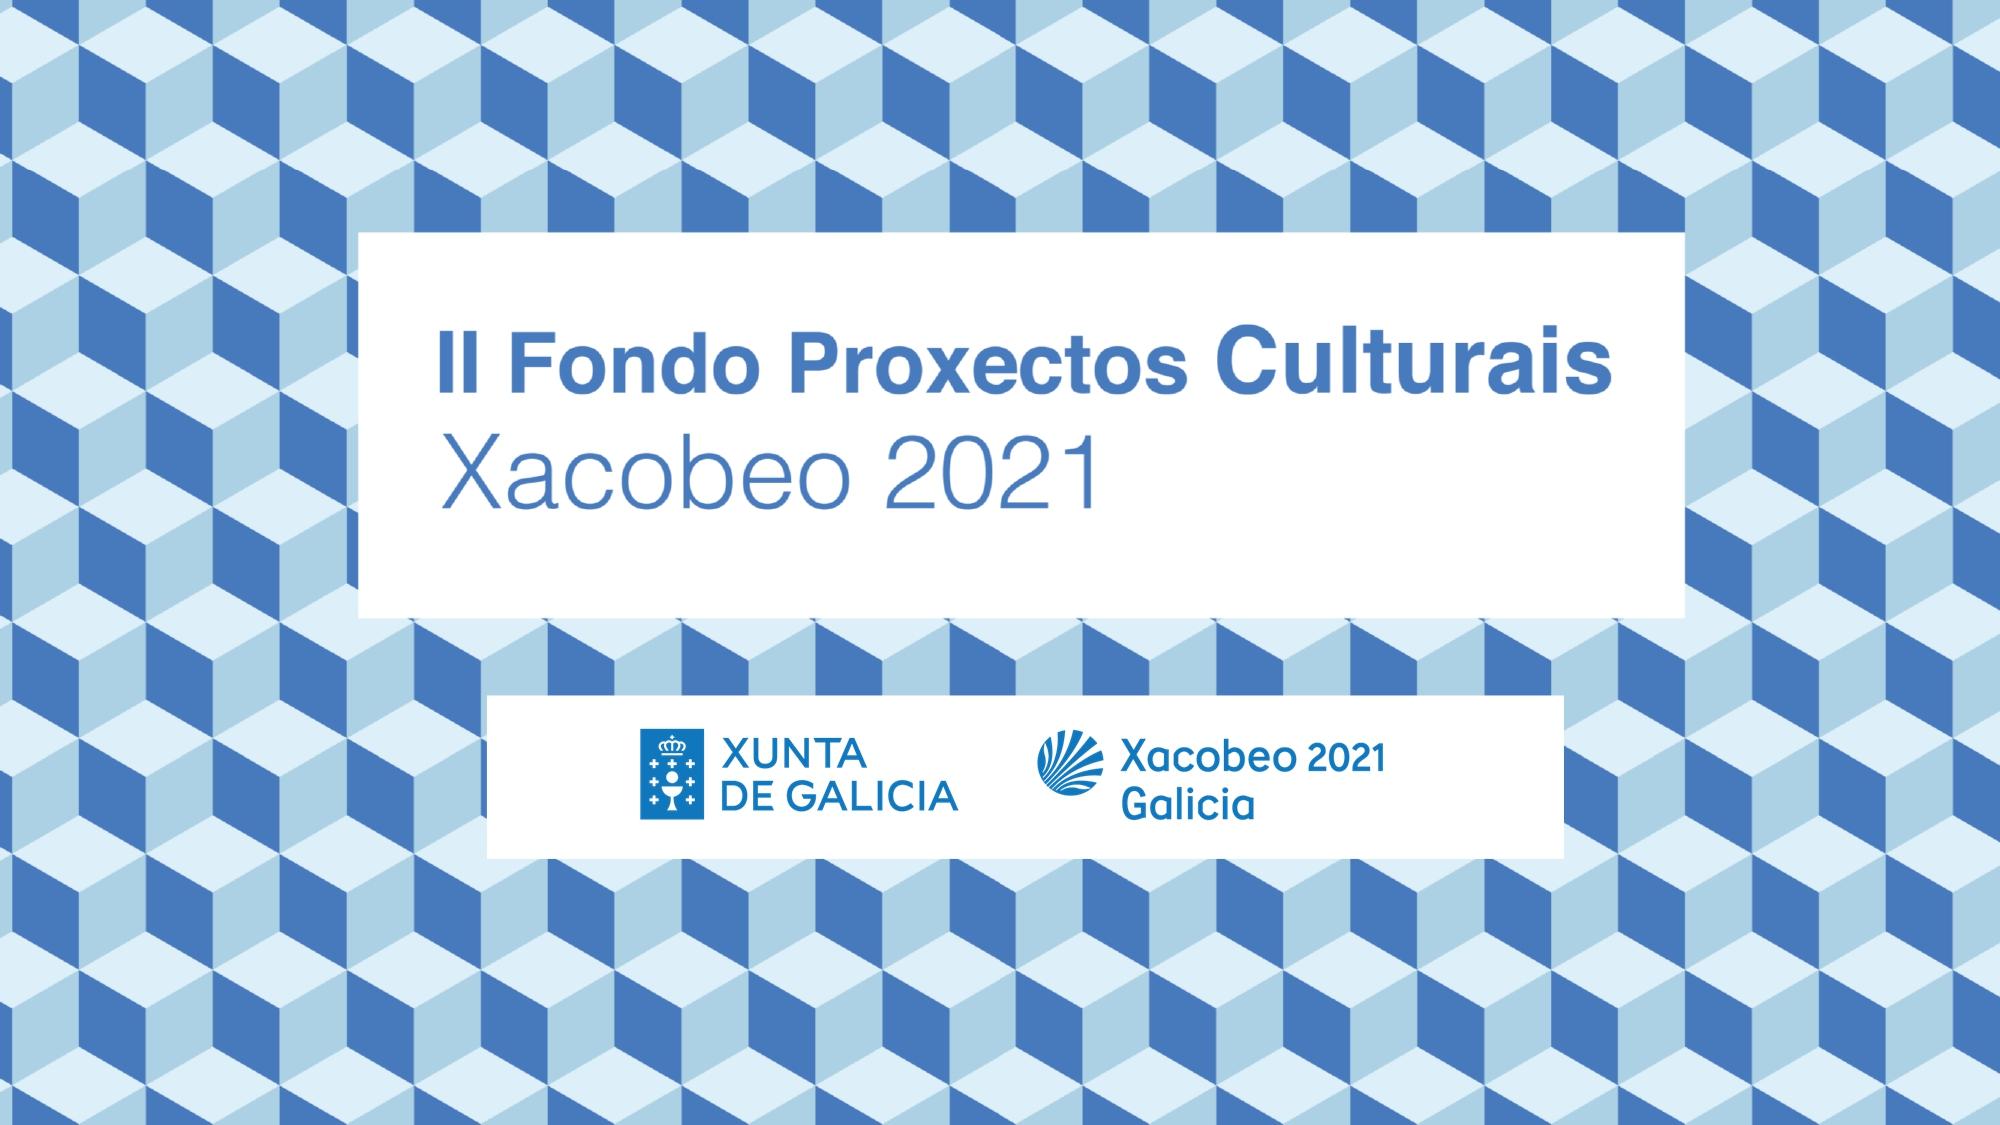 II Fondo Proxectos Culturais Xacobeo 2021